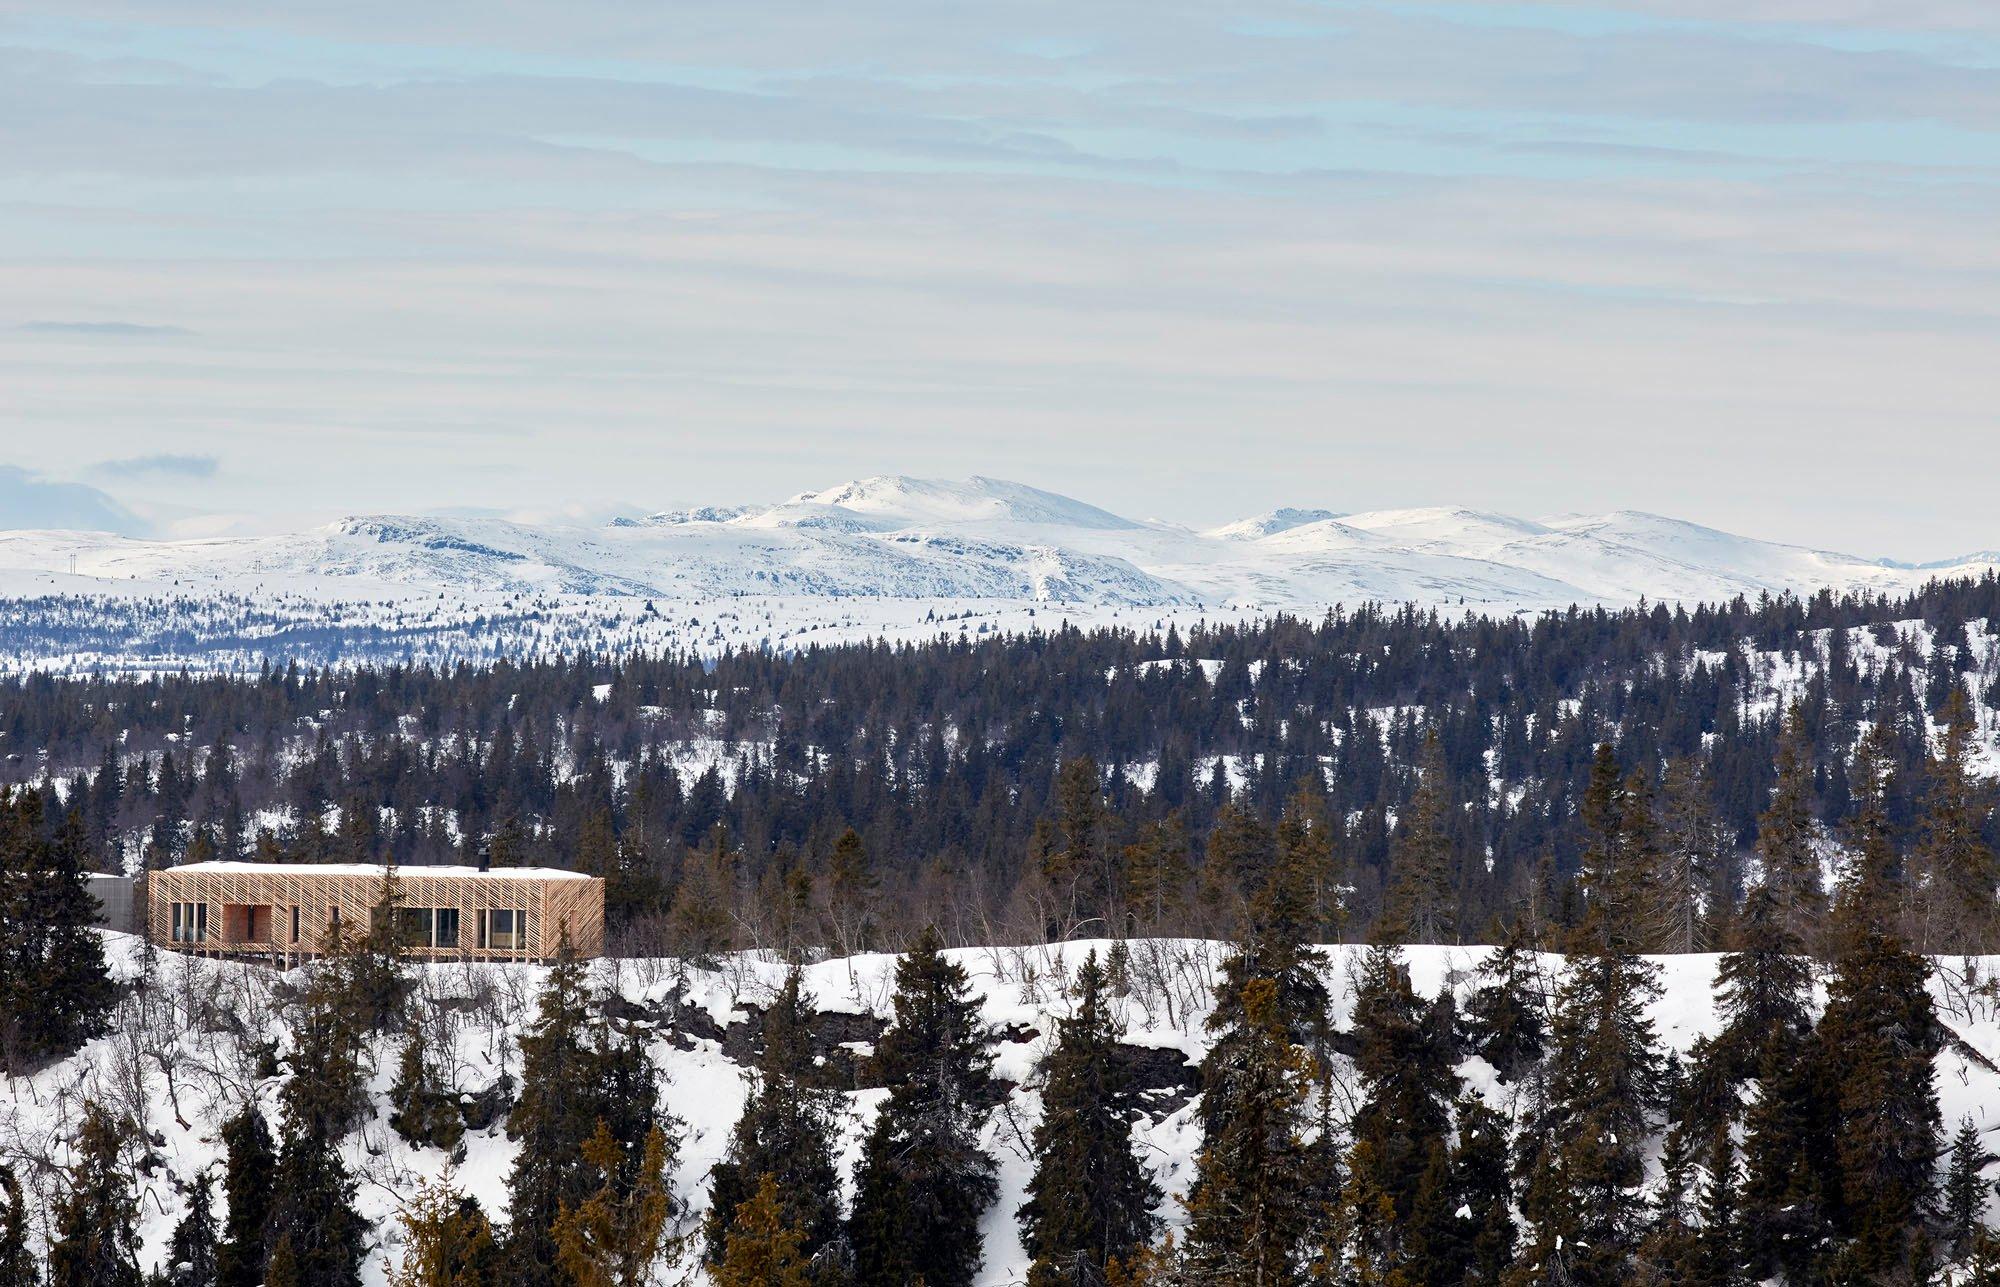 Auf der Spitze eines 1.039 Meter hohen Berges haben Lexie und Casper Mork-Ulnes für sich und ihre beiden Kinder sowie ihren Hund Lupo eine Hütte gebaut.